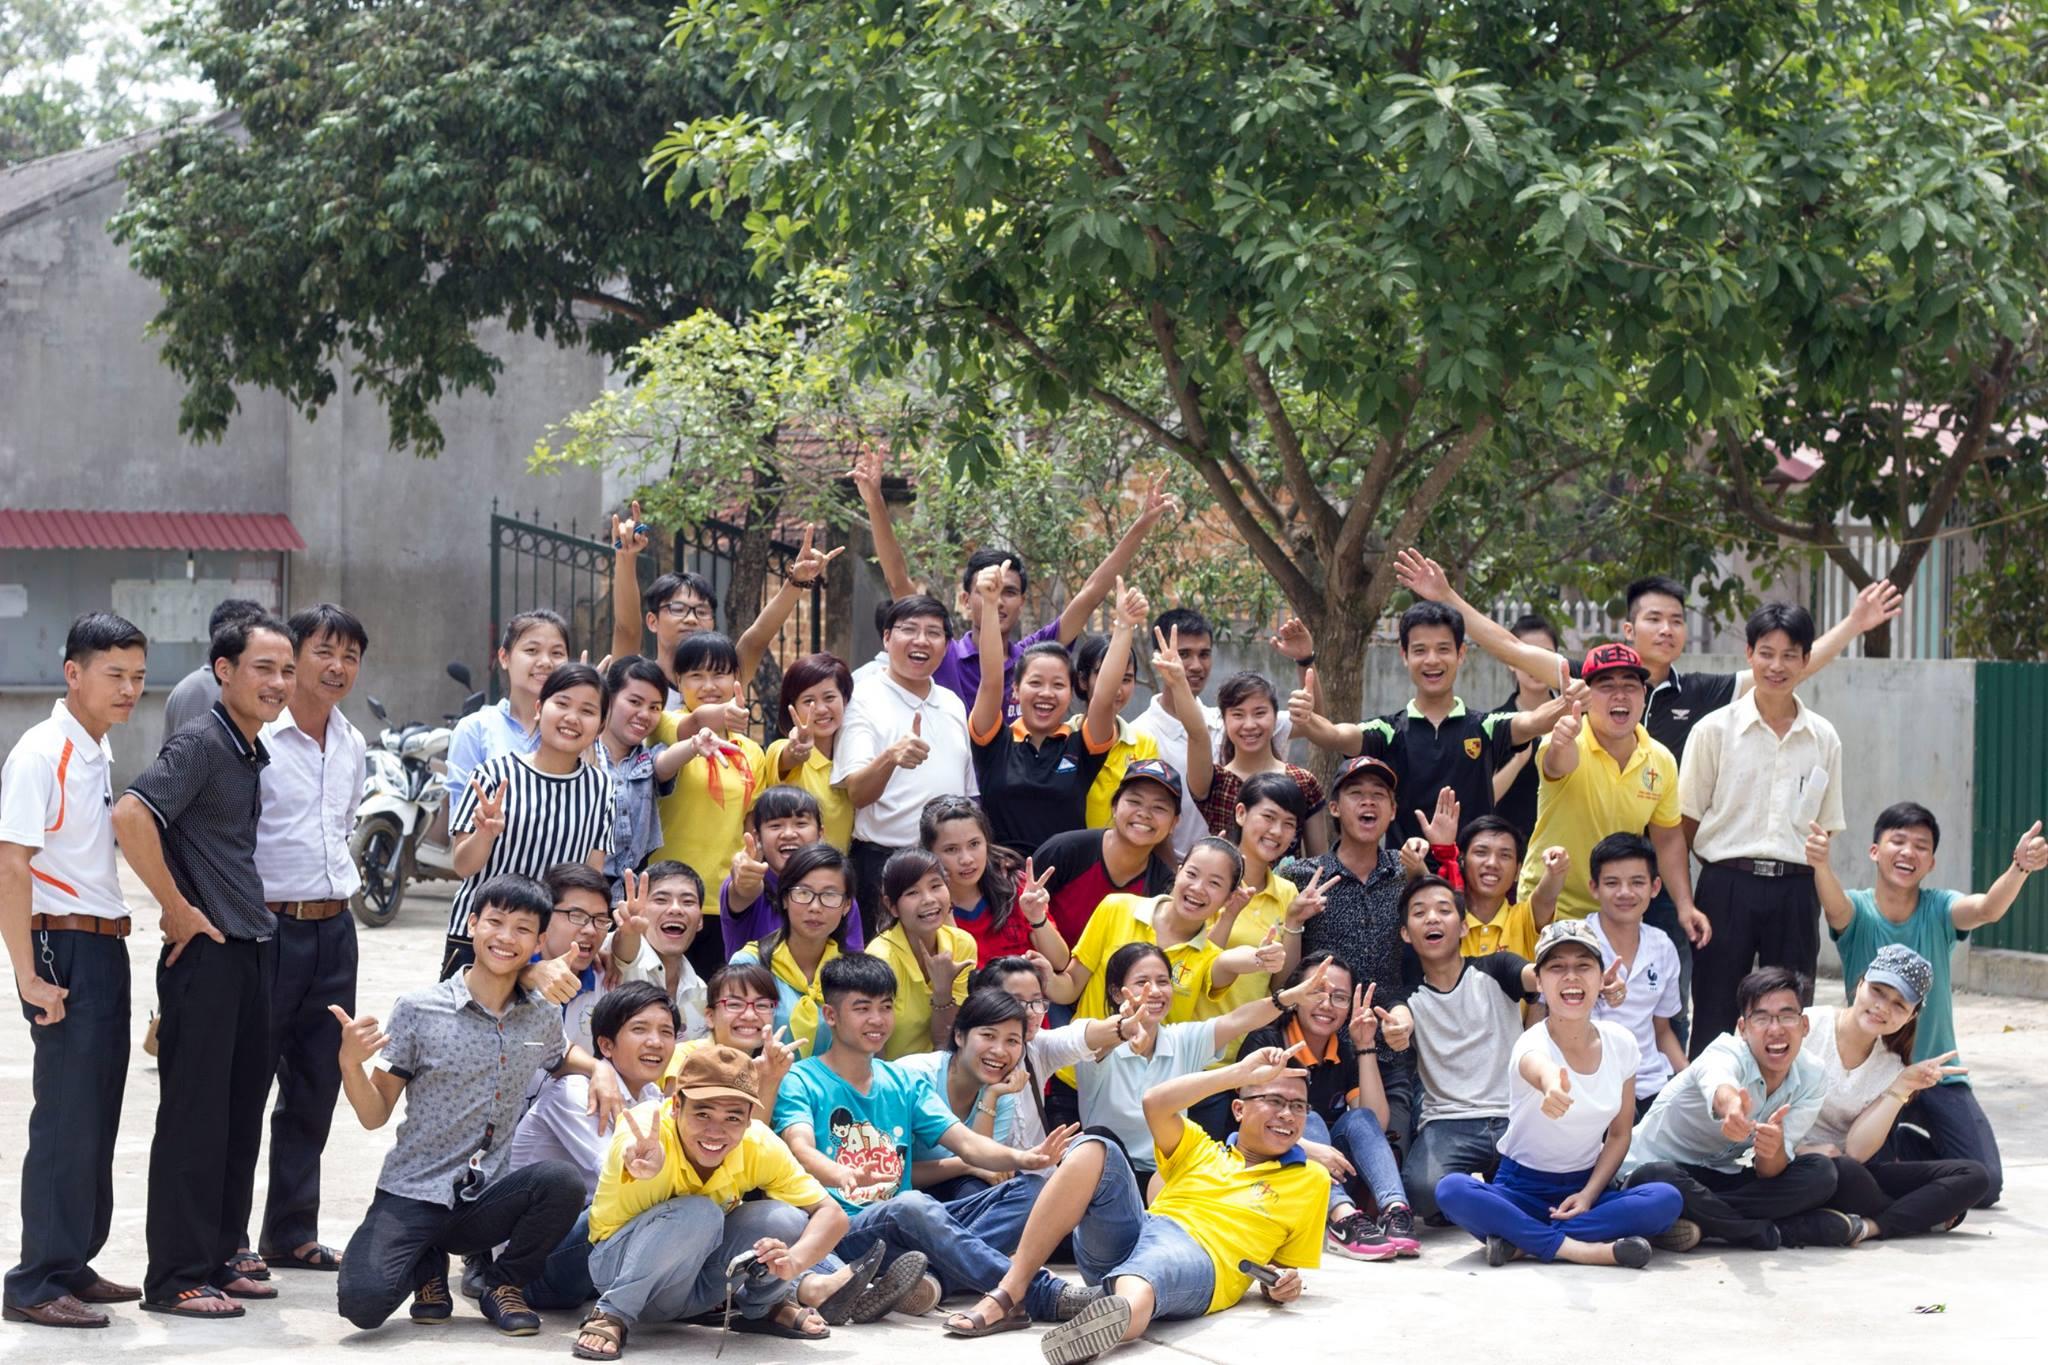 Hội chợ mừng ngày quốc tế thiếu nhi tại nhà thờ Phú Hữu